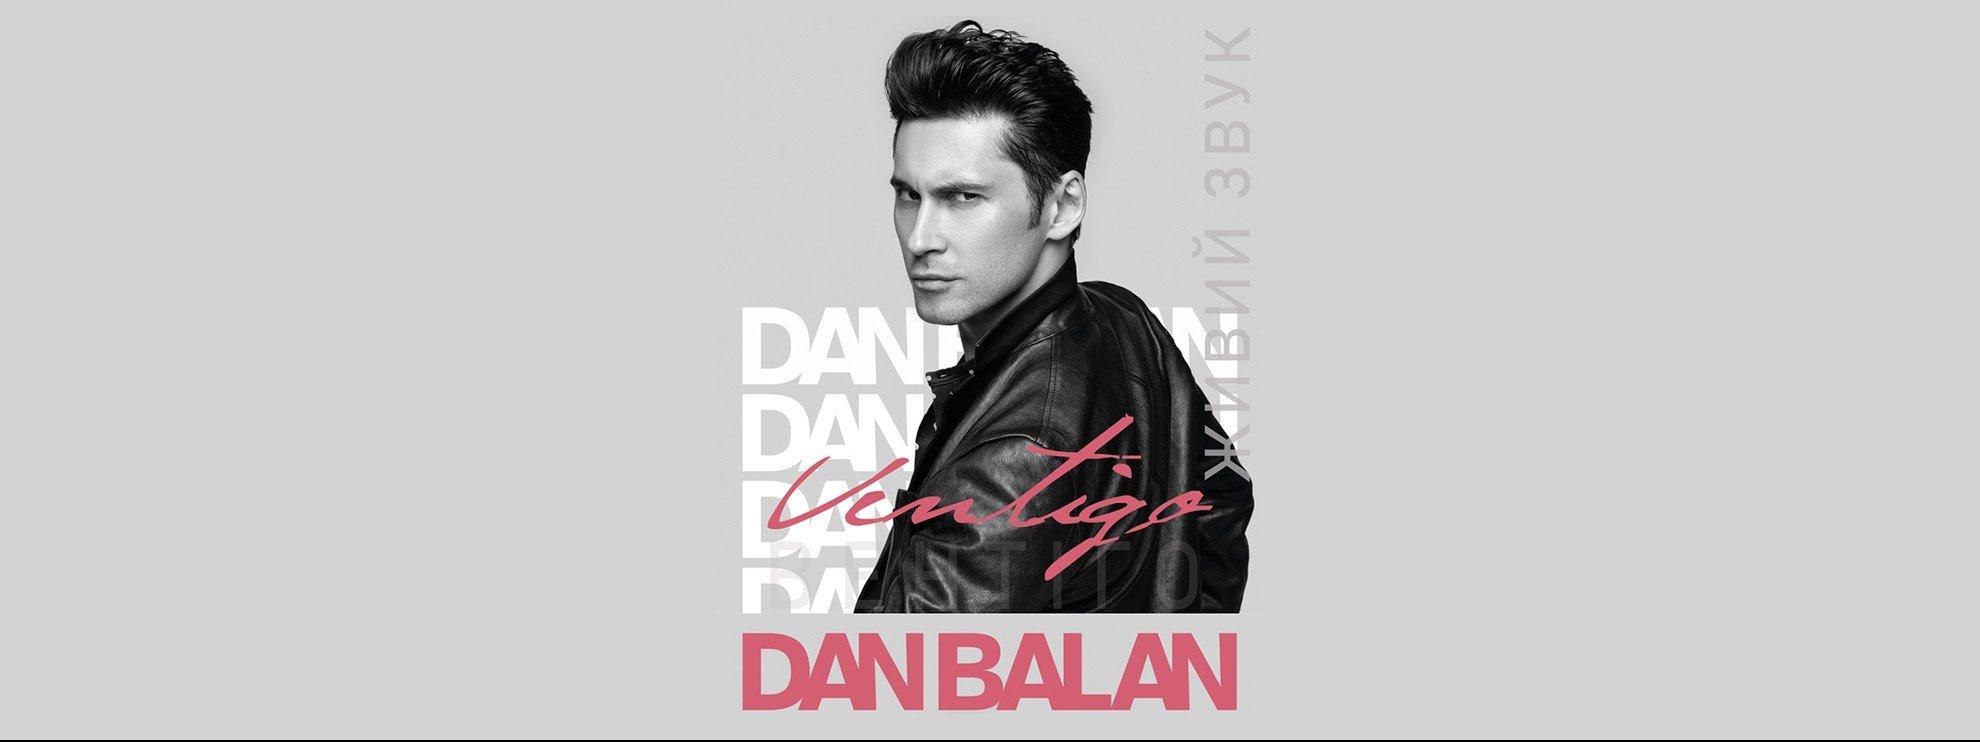 событие Dan Balan (Дан Балан)